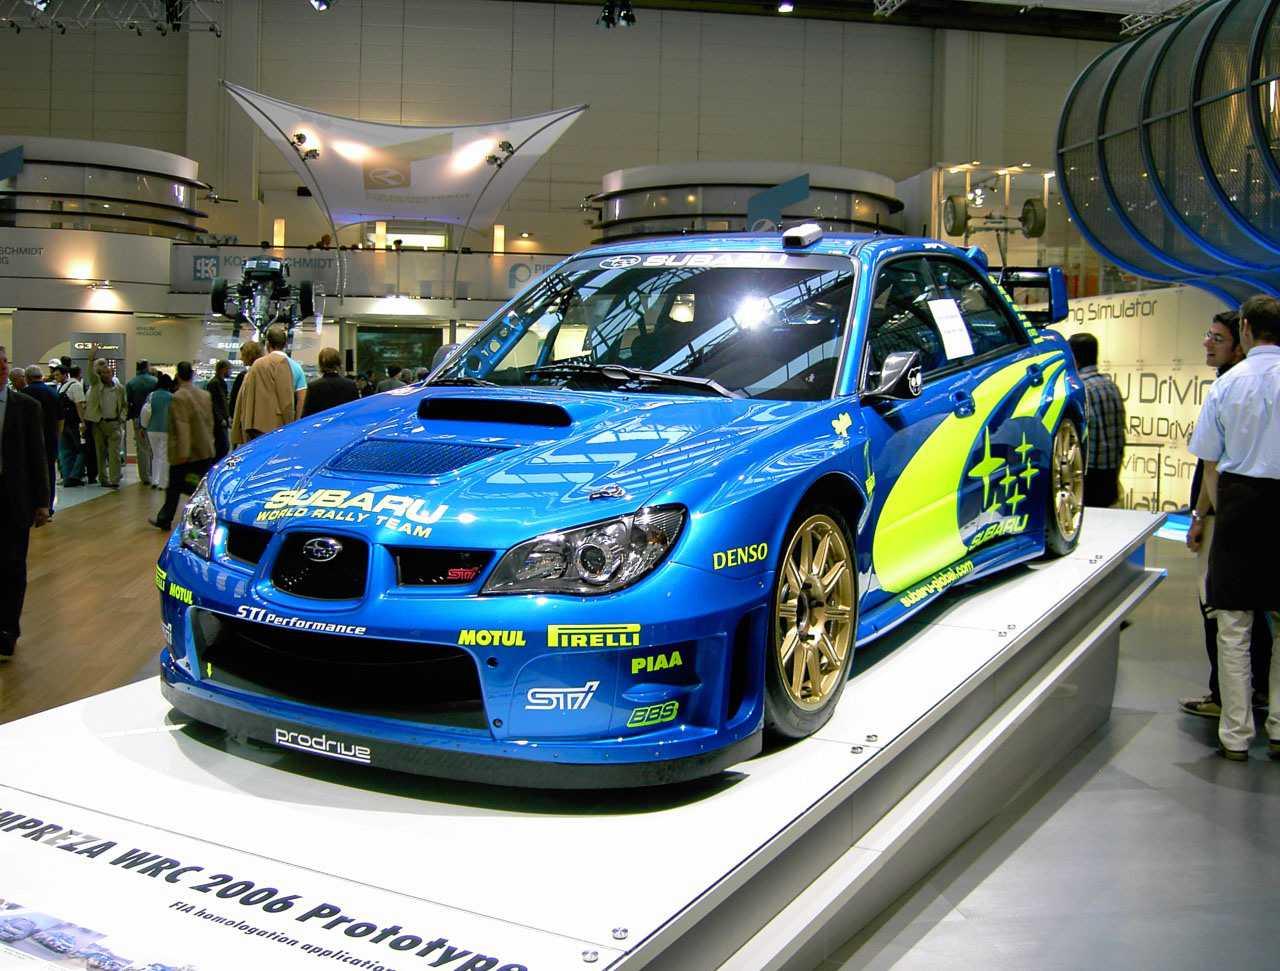 Subaru WRX Modification - Car Modification